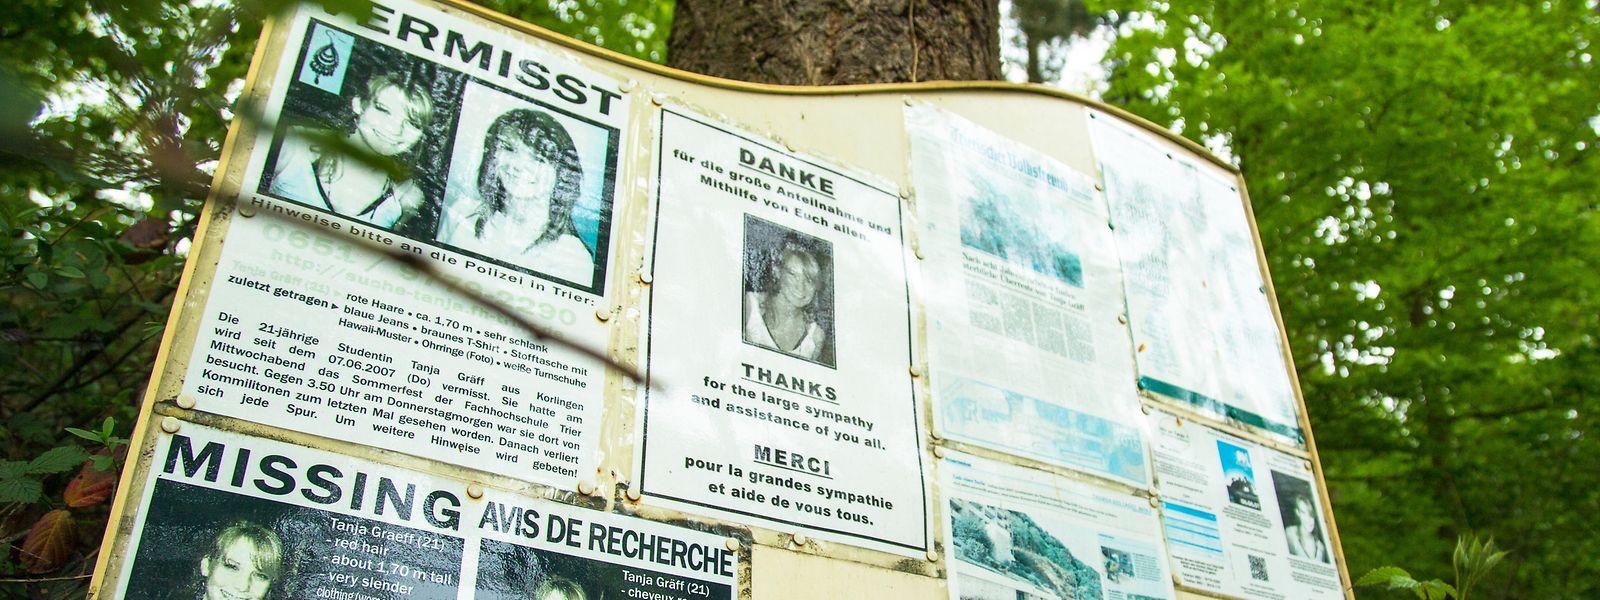 Acht Jahre war Tanja Gräff vermisst. Im Trierer Weishauswald steht eine Tafel zu ihrem Gedenken.